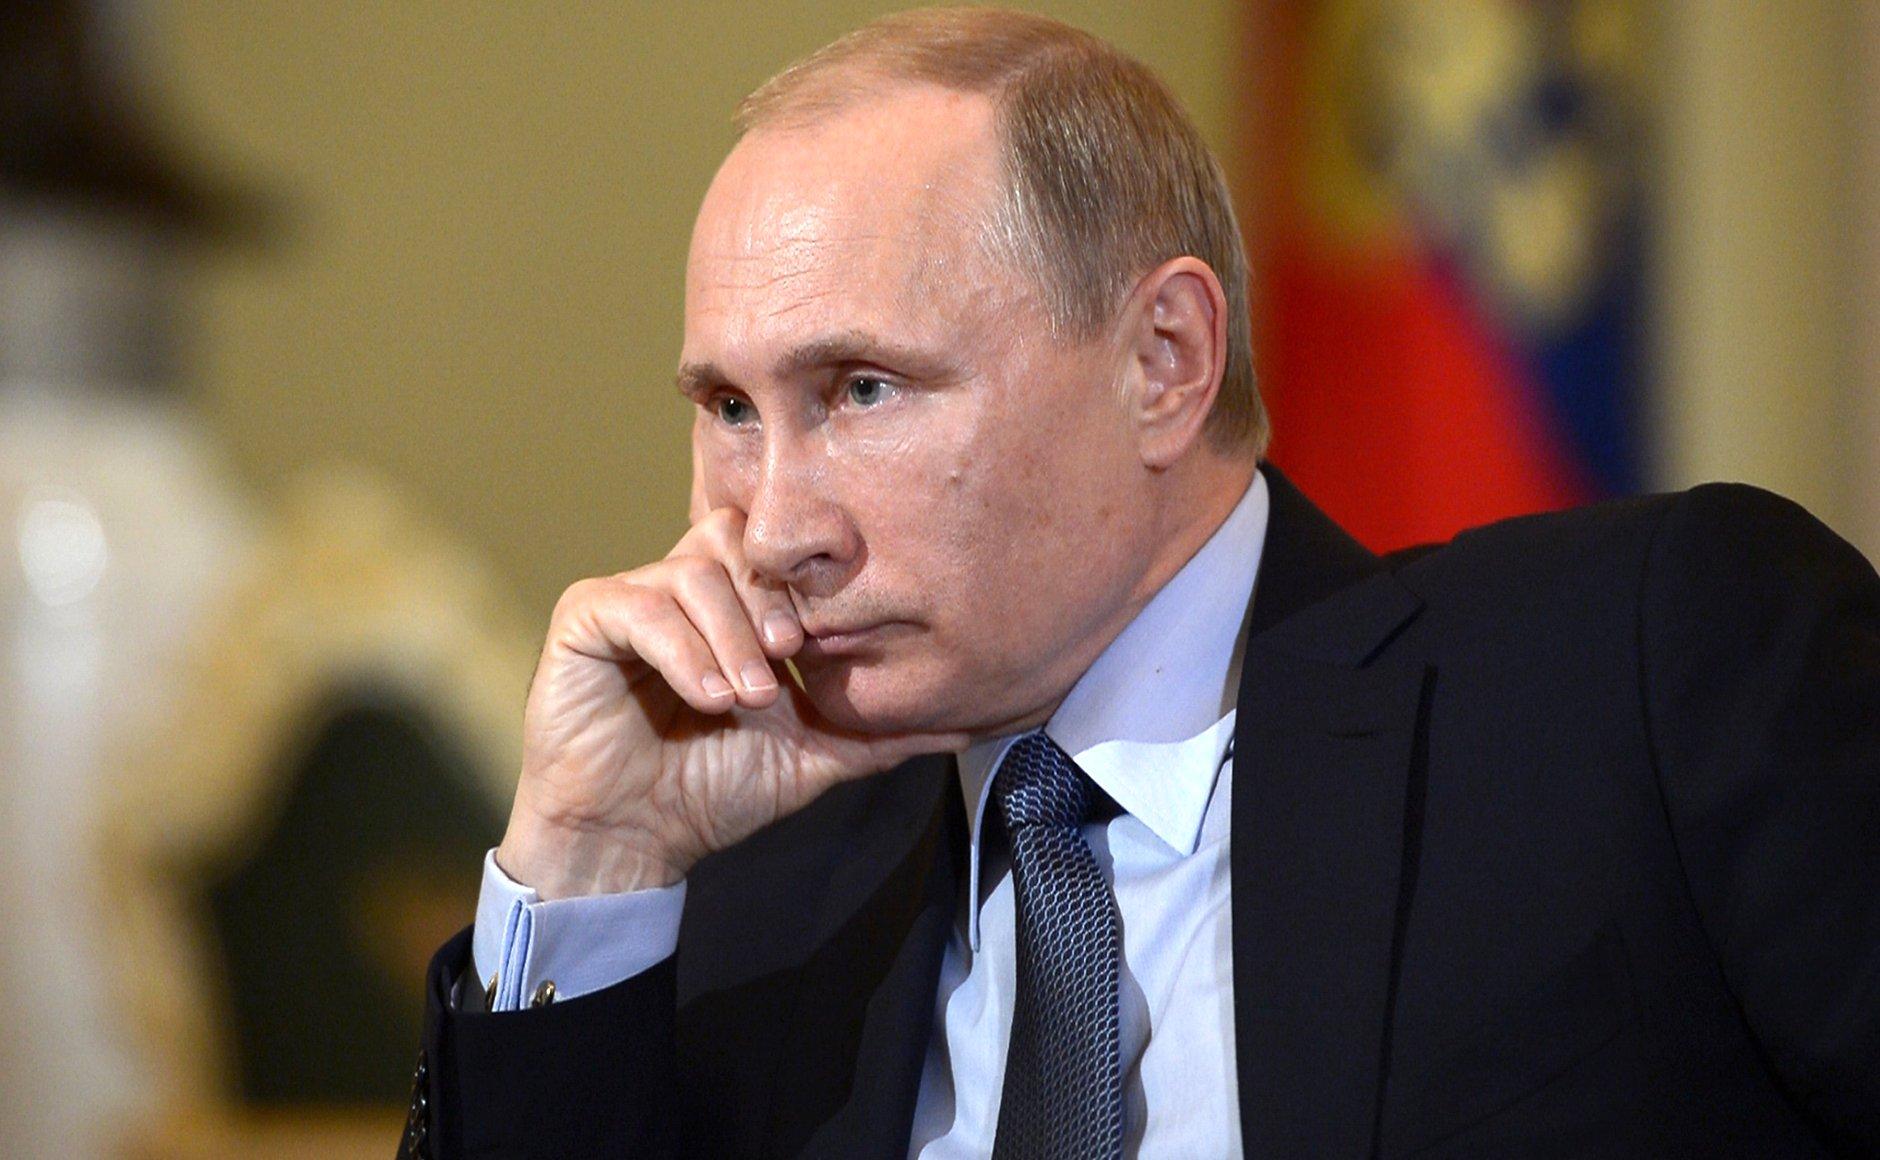 Владимир Путин выскажет свою позицию по пенсионному законопроекту в полдень